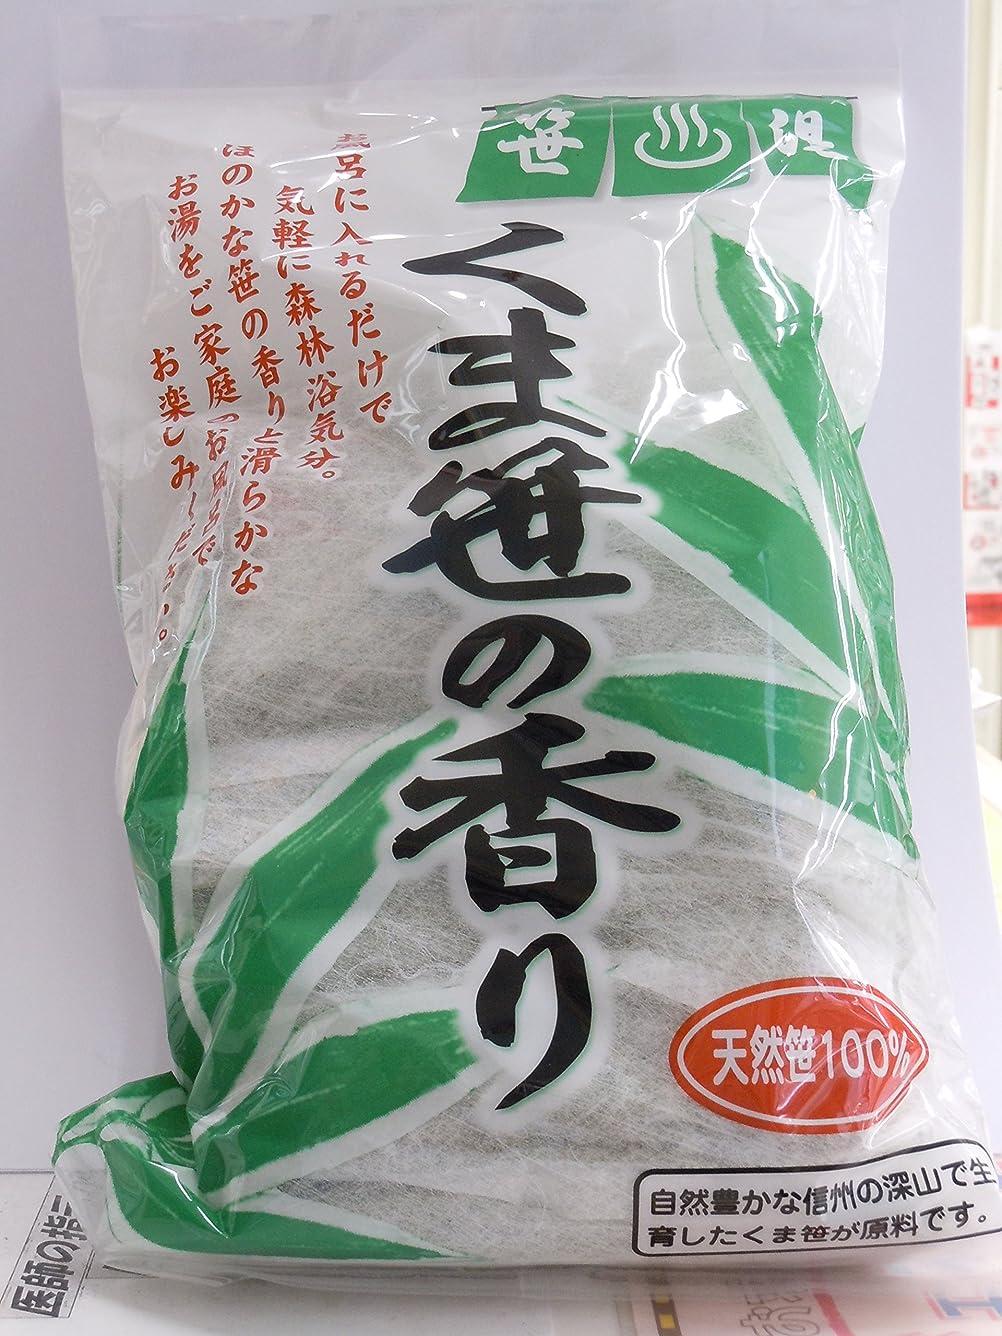 硬さパンチ降ろすサンクロン 信州産 くま笹の香り 天然100% 40gx5包